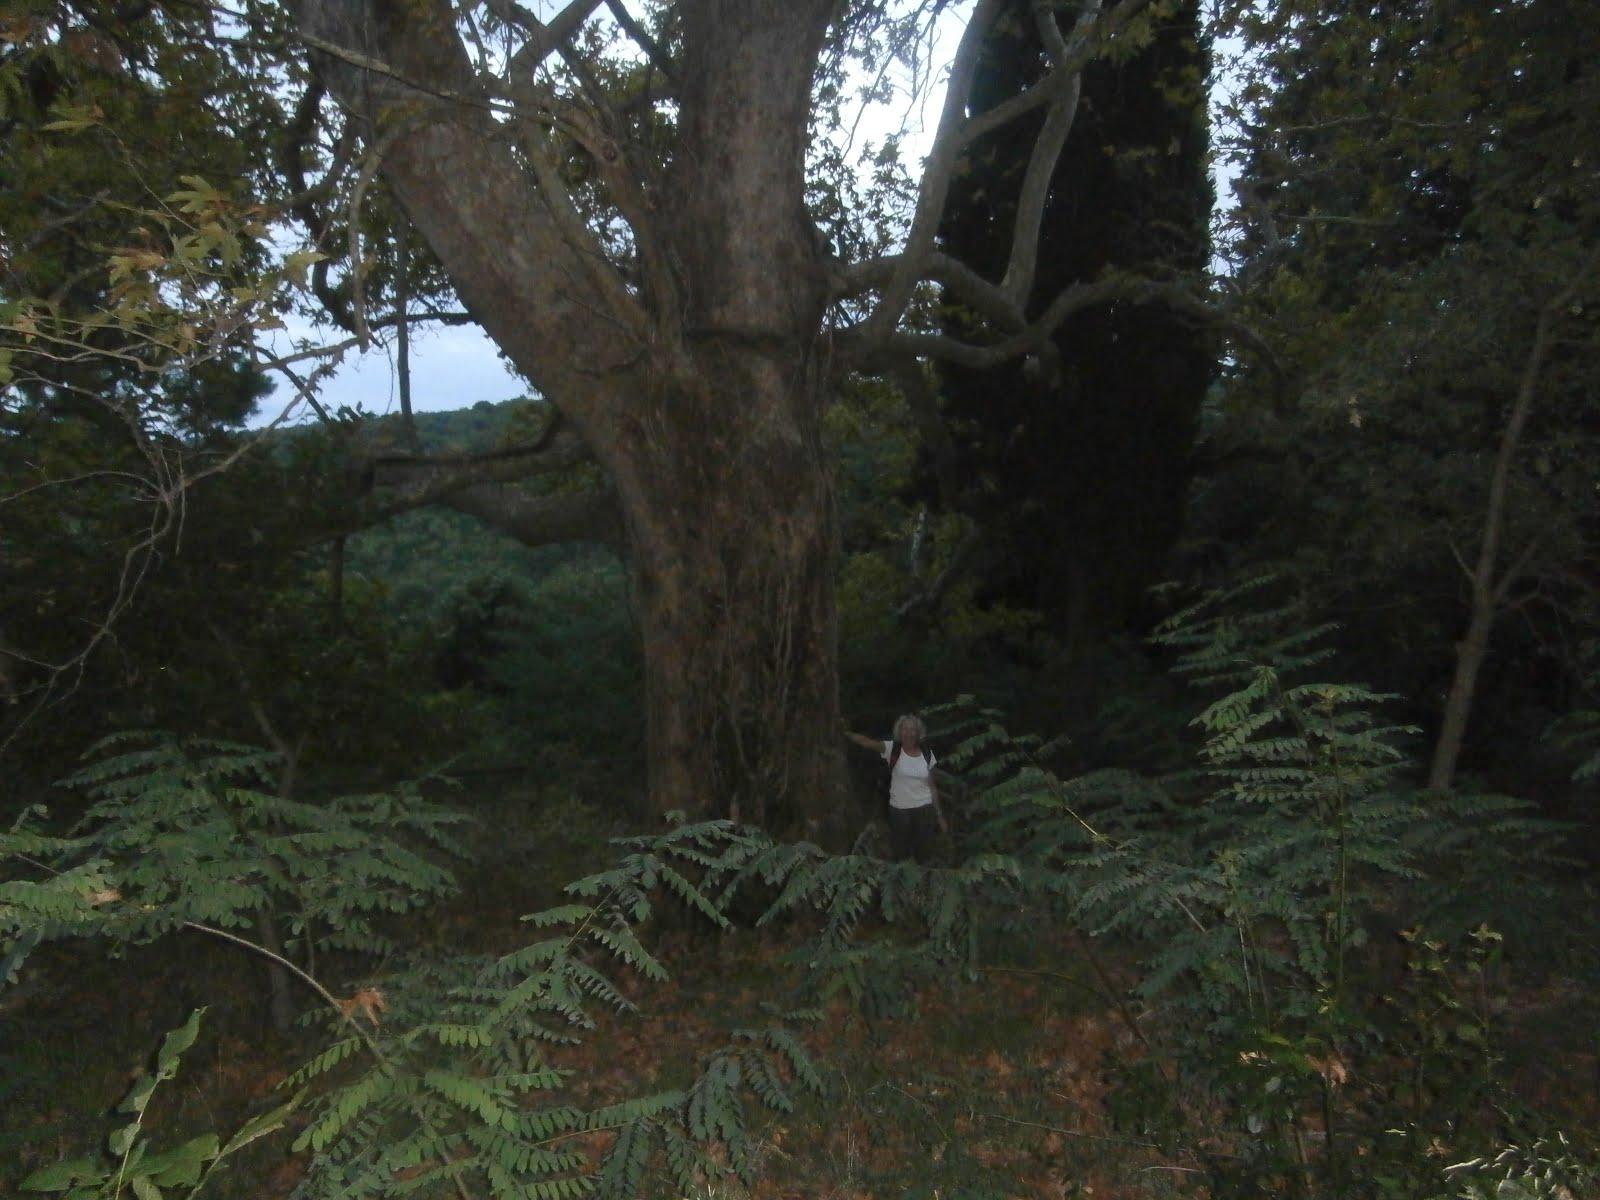 Δέντρο και άνθρωπος